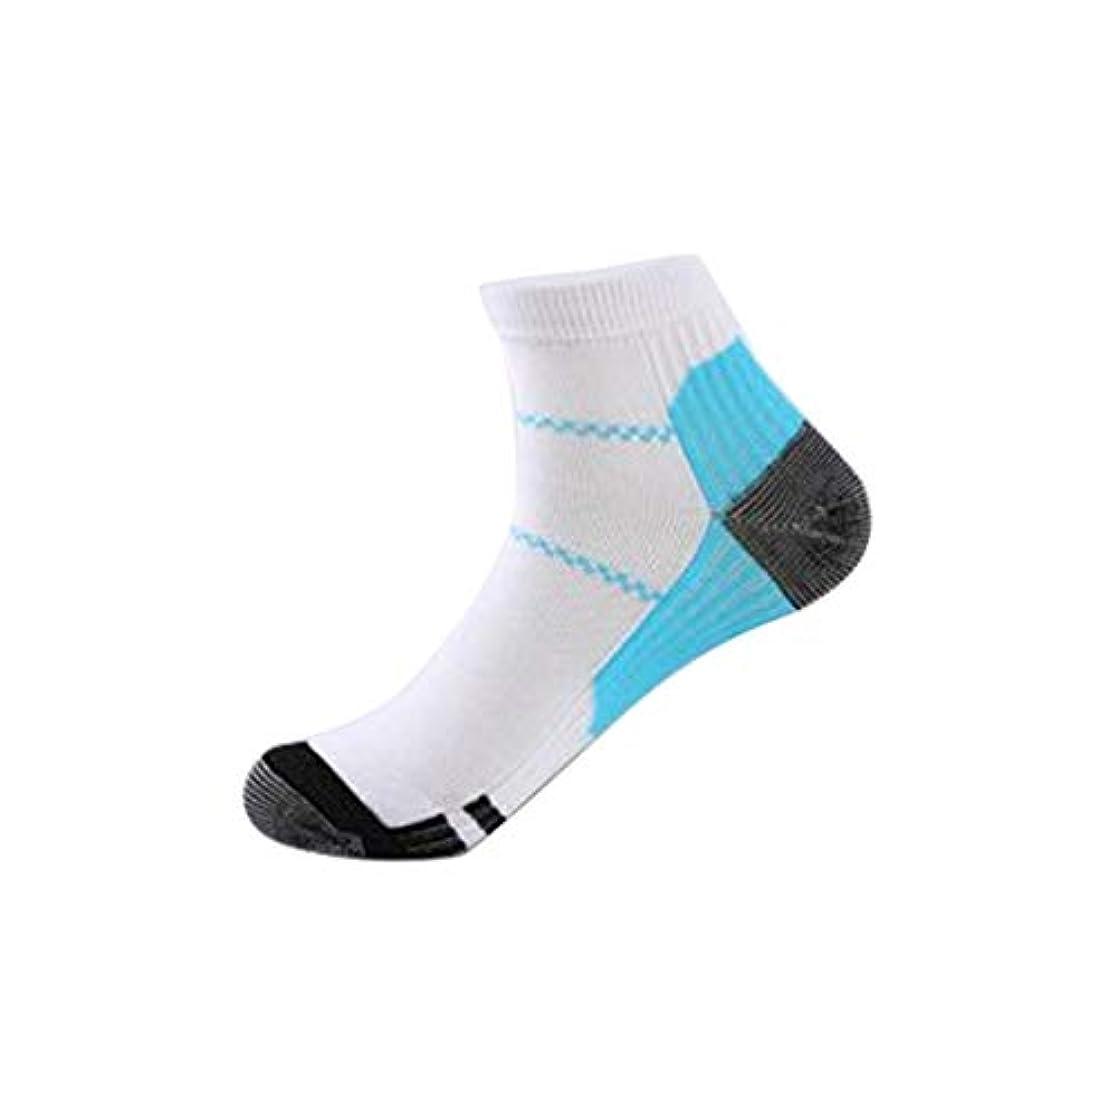 組み合わせ青冒険快適な男性女性ファッション短いストレッチ圧縮靴下膝ソックスサポートストレッチ通気性ソックス - ホワイト&ブルーS/M